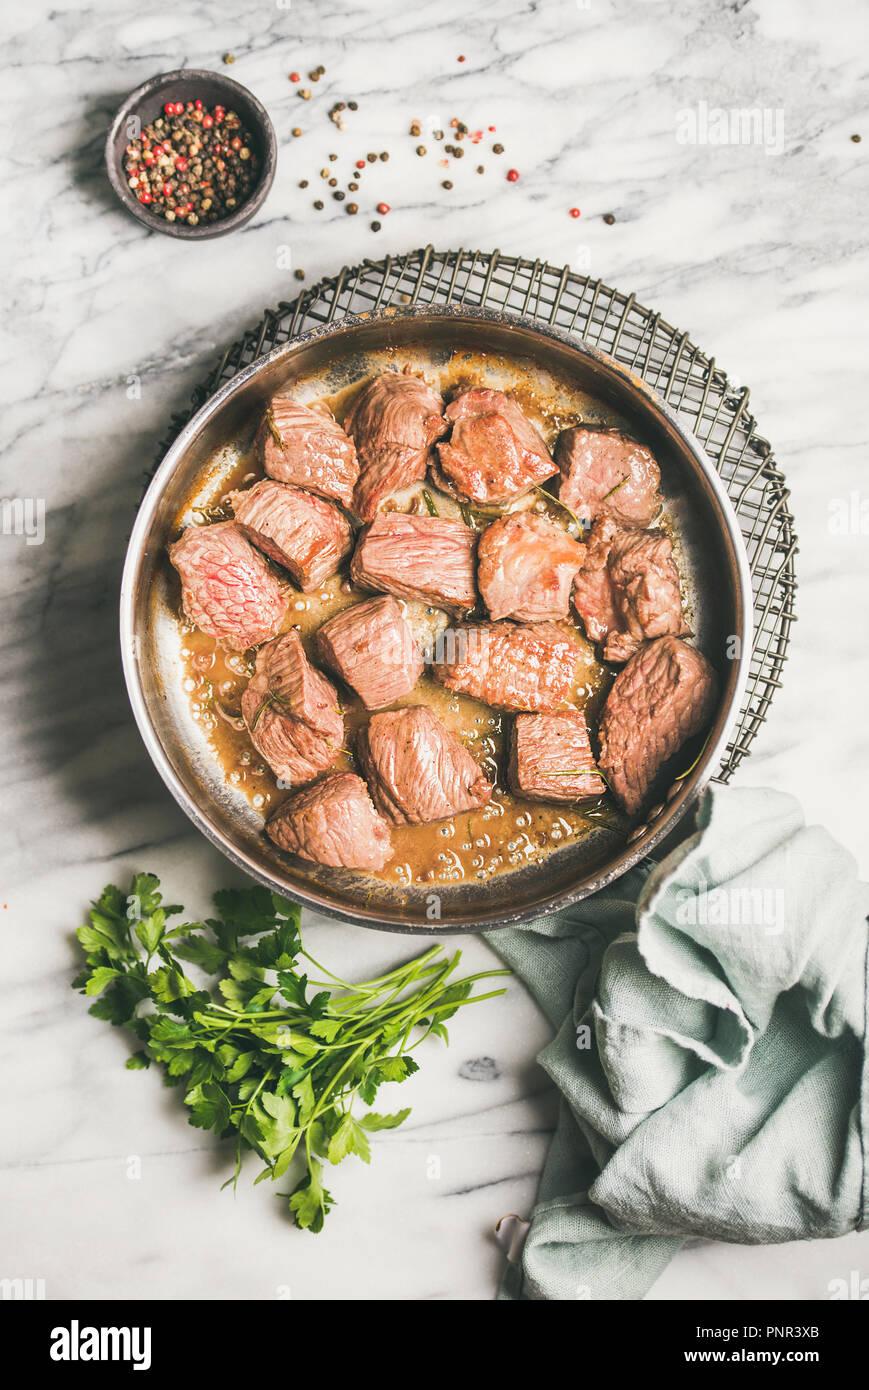 Estofado de ternera estofado de carne con perejil fresco en la sartén Imagen De Stock